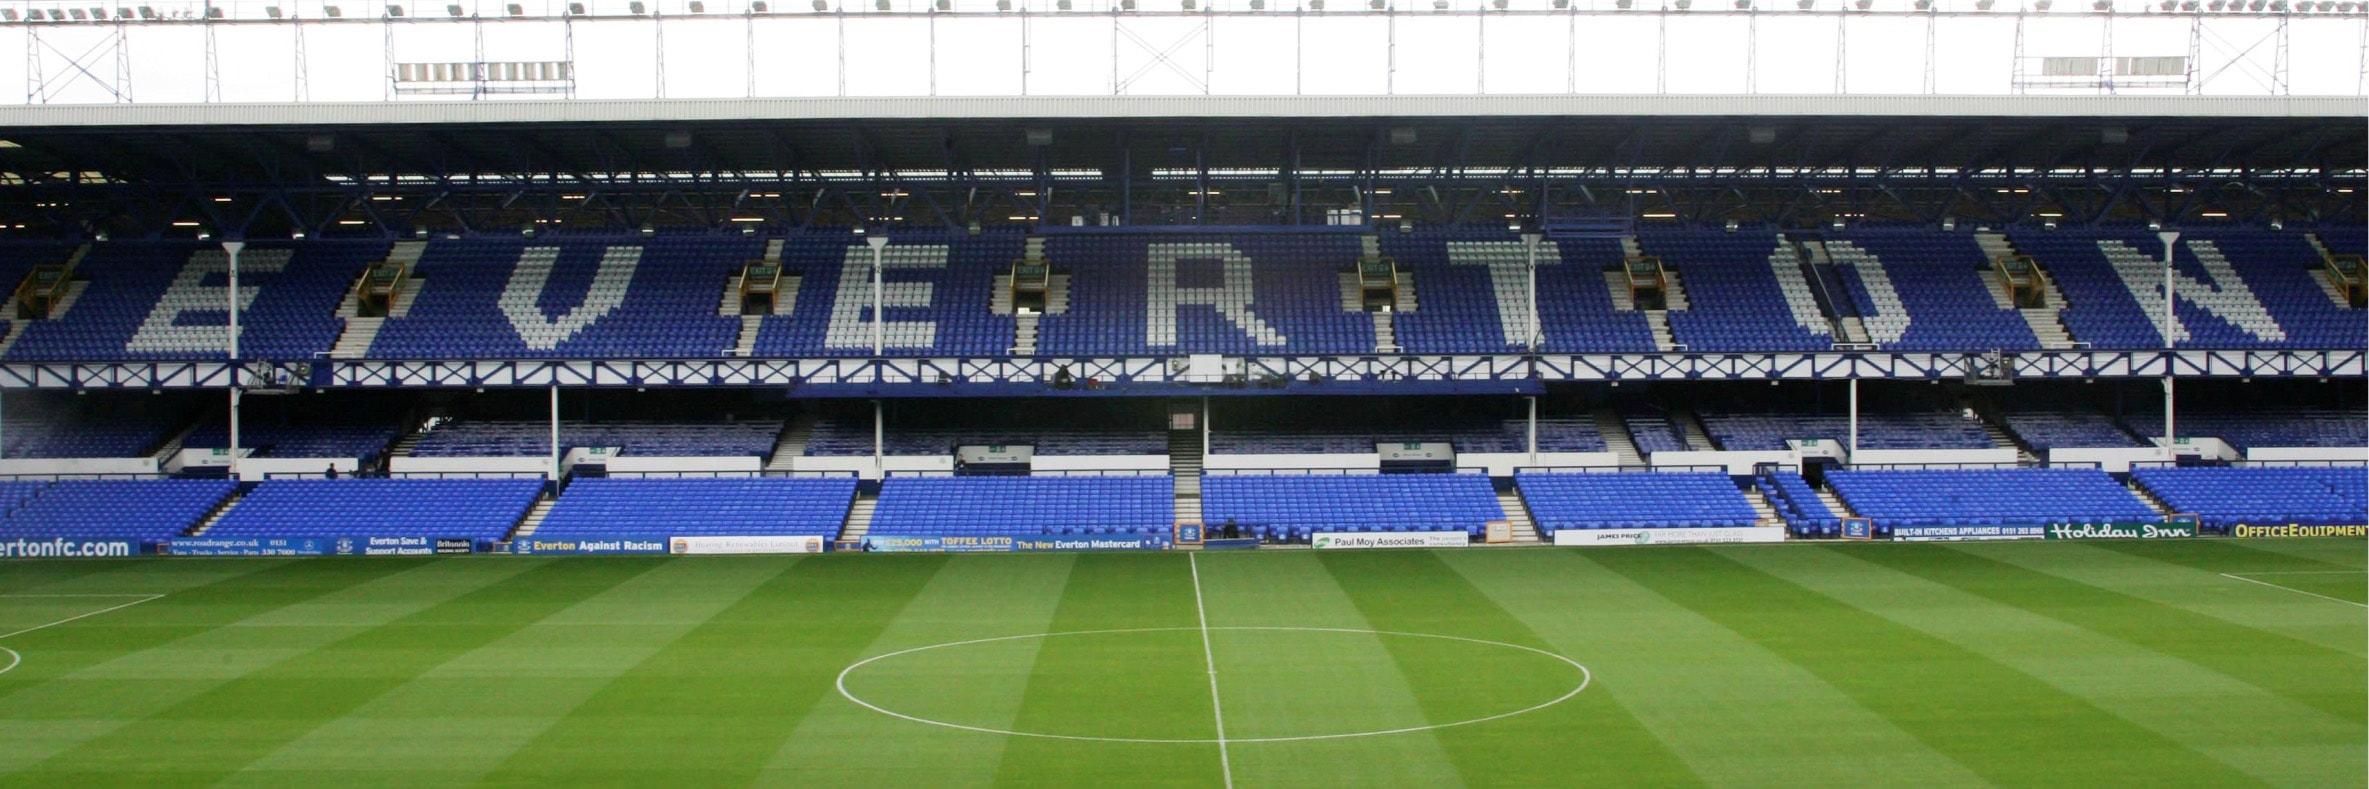 Everton FC - Newcastle United, 2 Januarum 0:00